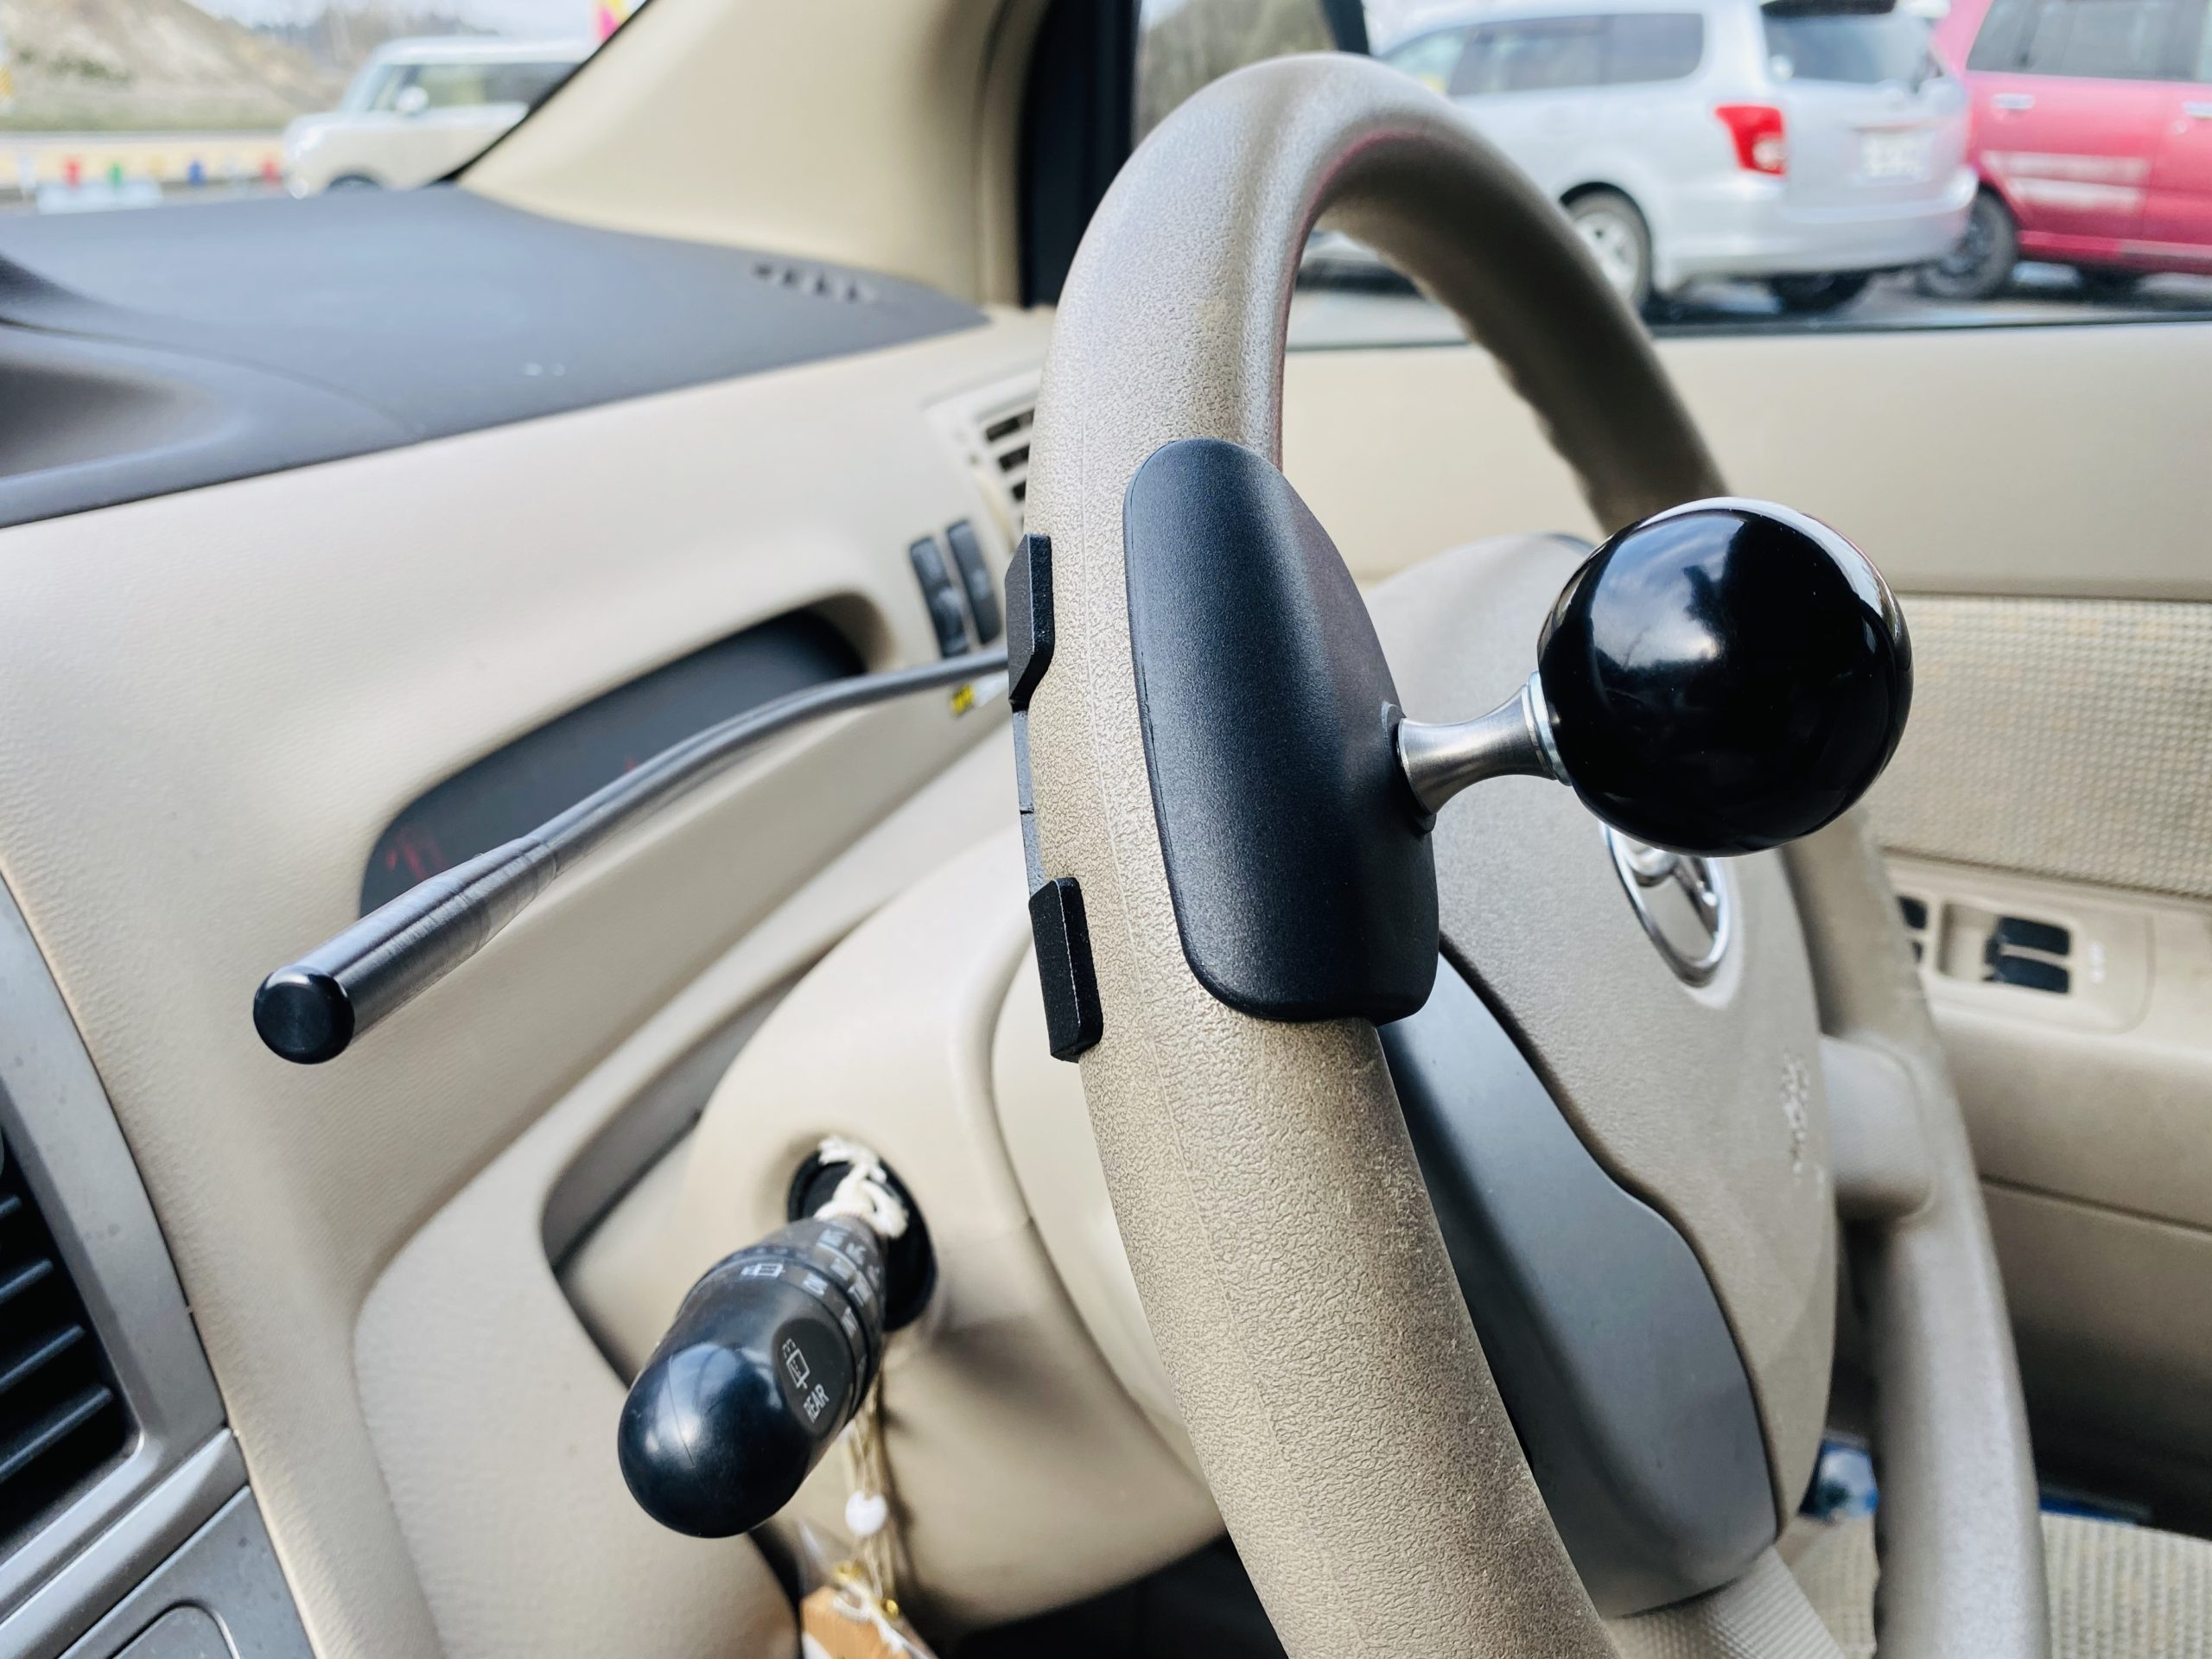 福祉車両改造 トヨタラウム 左足アクセル 福祉車両への改造 ②